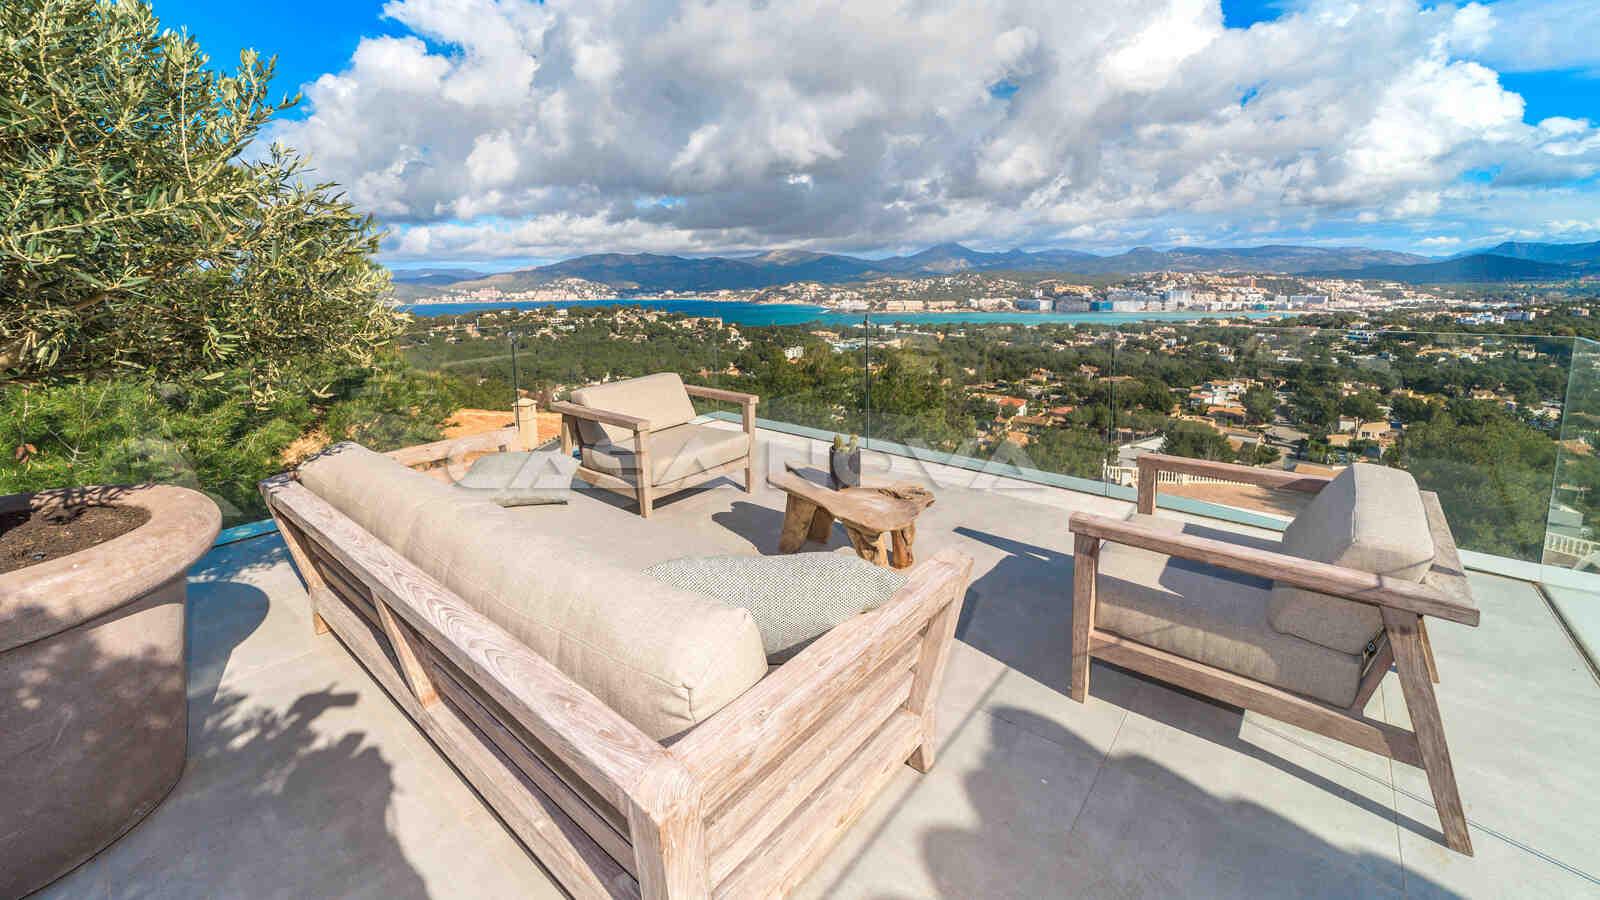 Ref. 2402254 - Meerblick Terrasse mit Chillout- Bereich